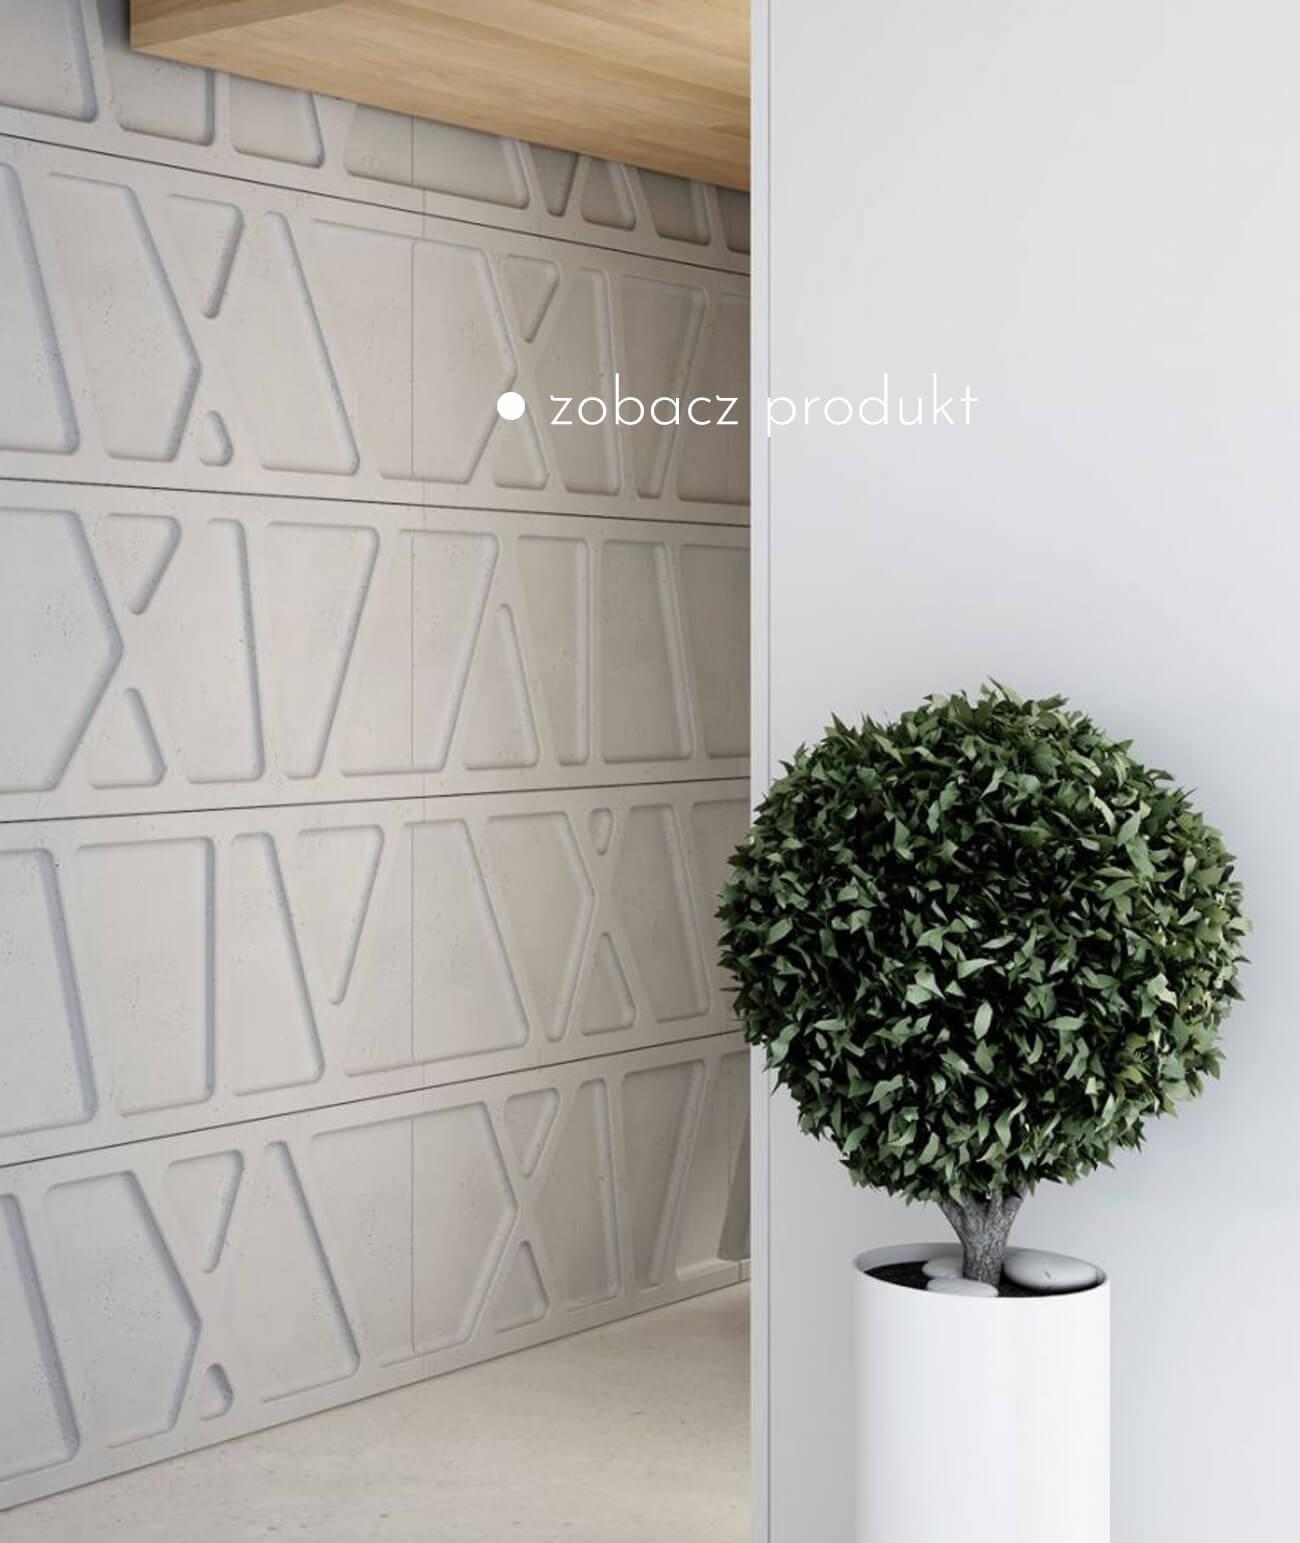 panele-betonowe-3d-scienne-i-elewacyjne-beton-architektoniczny_846-19537-pb24-b1-siwo-bialy-modul-w--panel-dekor-3d-beton-architektoniczny-panel-scienny